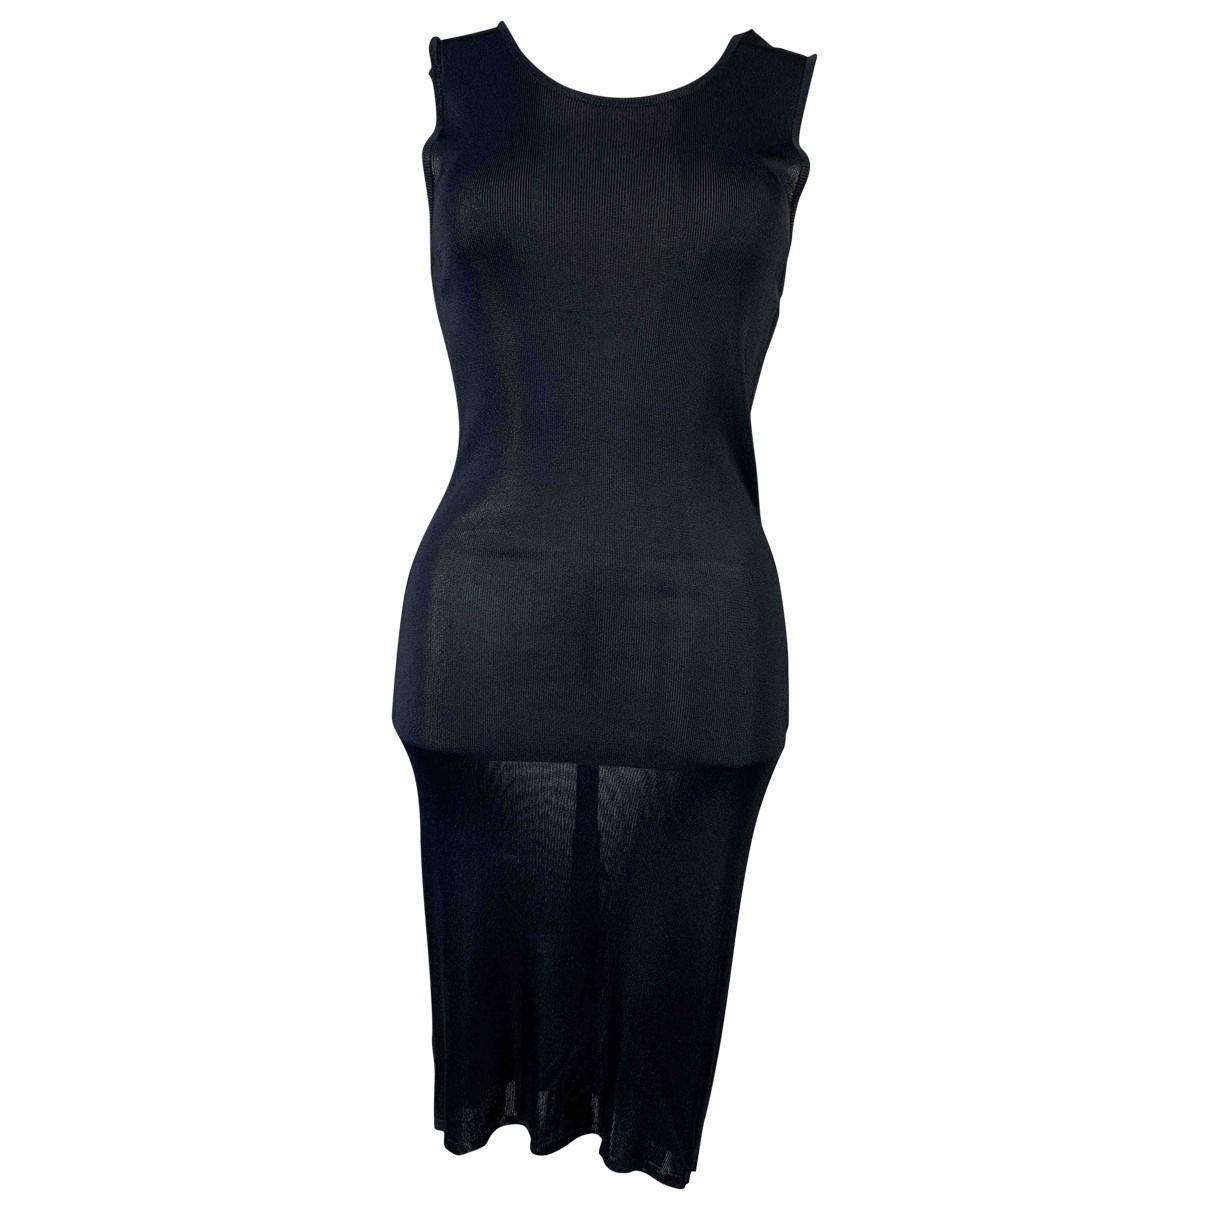 Yves Saint Laurent \N Kleid in  Schwarz Polyester